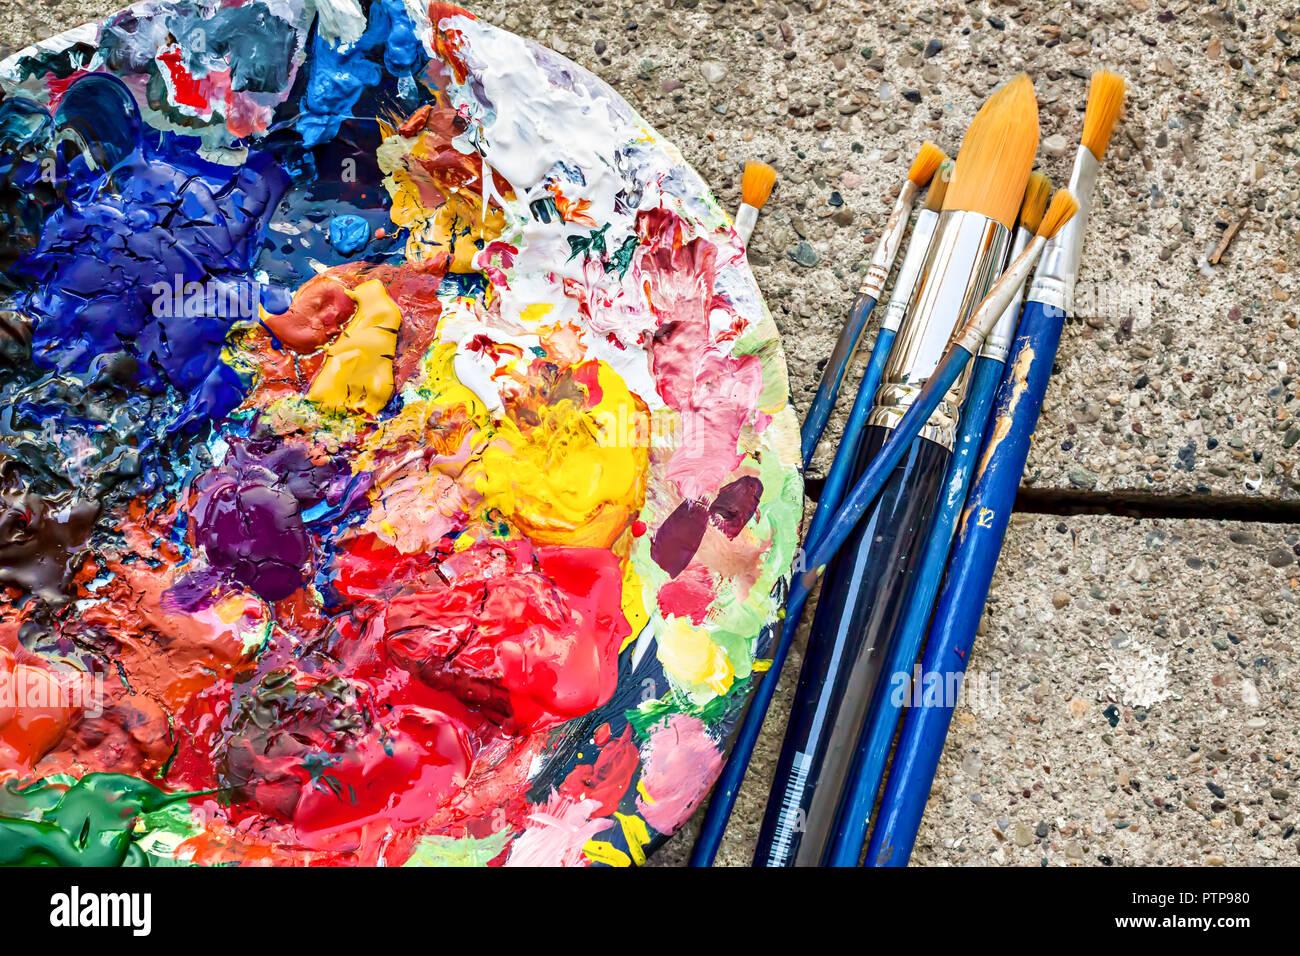 Colori misti di pittura a olio su una tavolozza classica  Pittore della tavolozza e pennelli